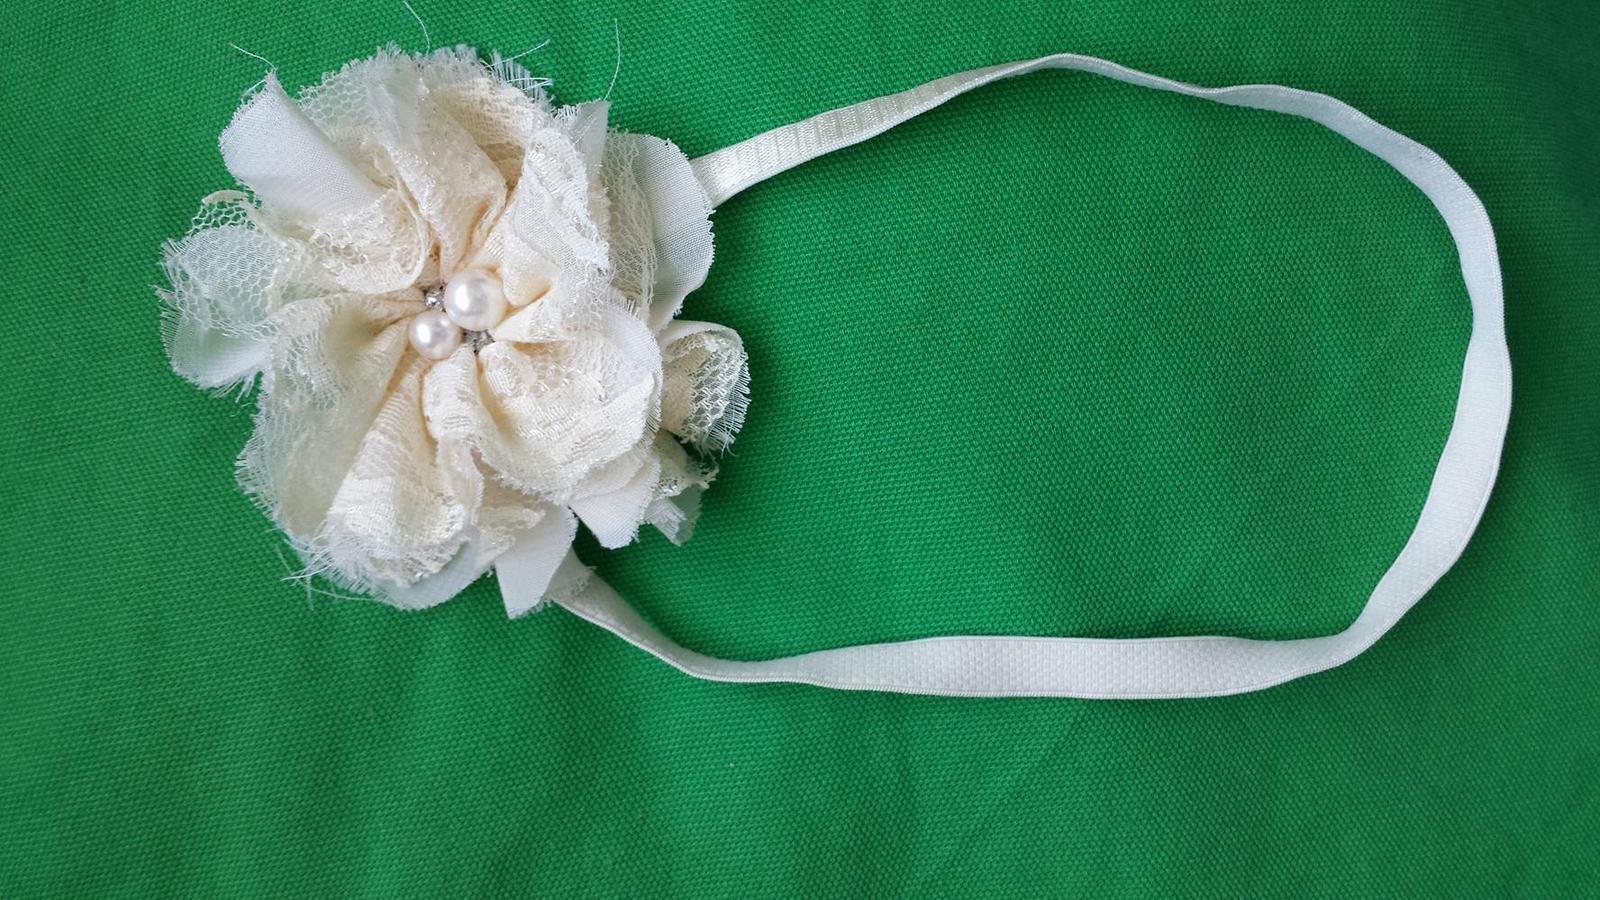 Celenka s kvetom - Obrázok č. 1